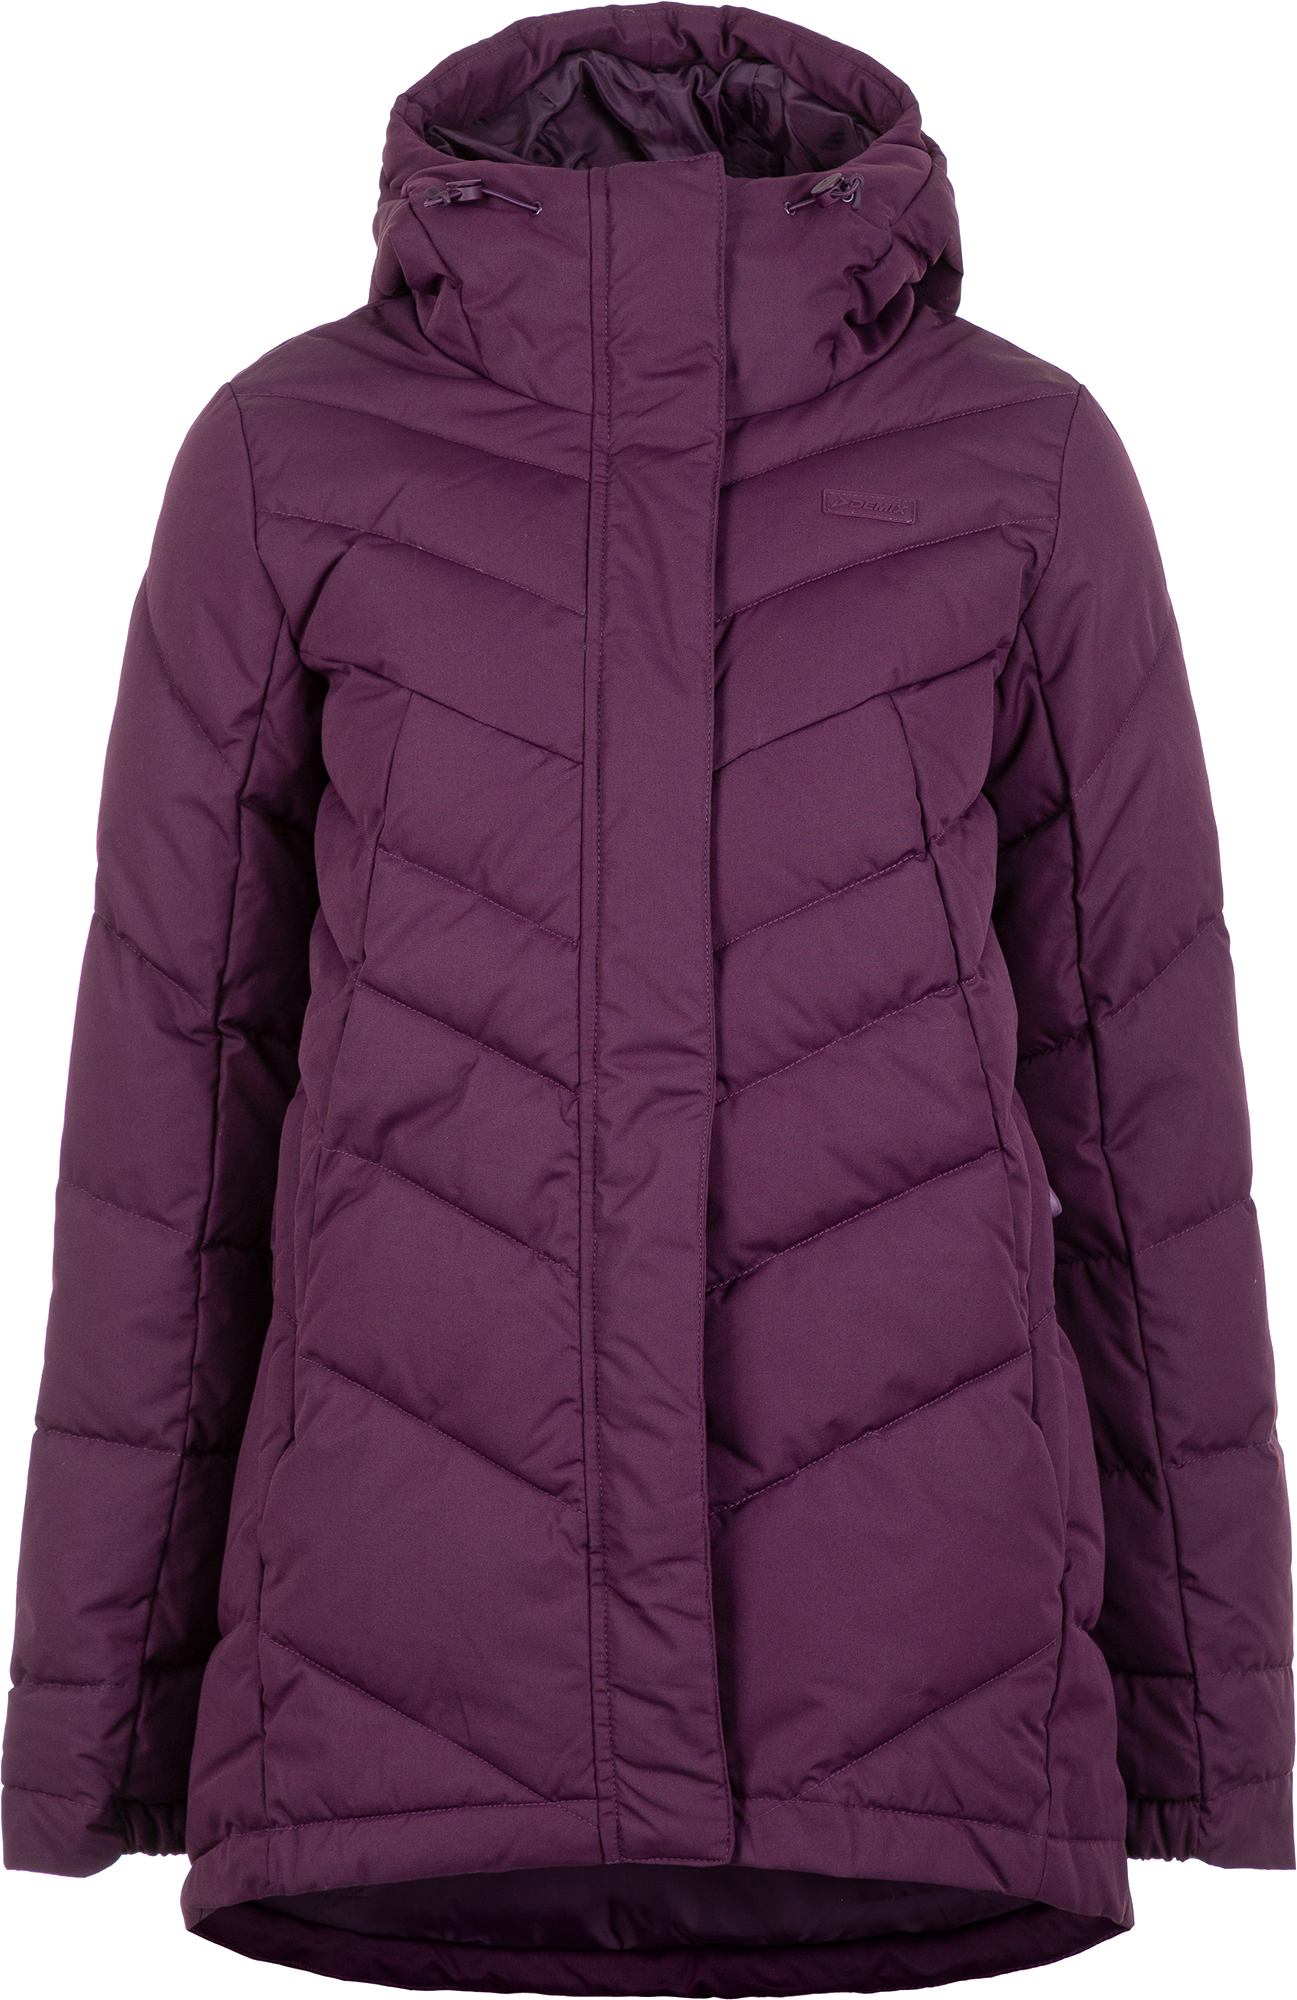 купить Demix Куртка утепленная женская Demix, размер 52 дешево